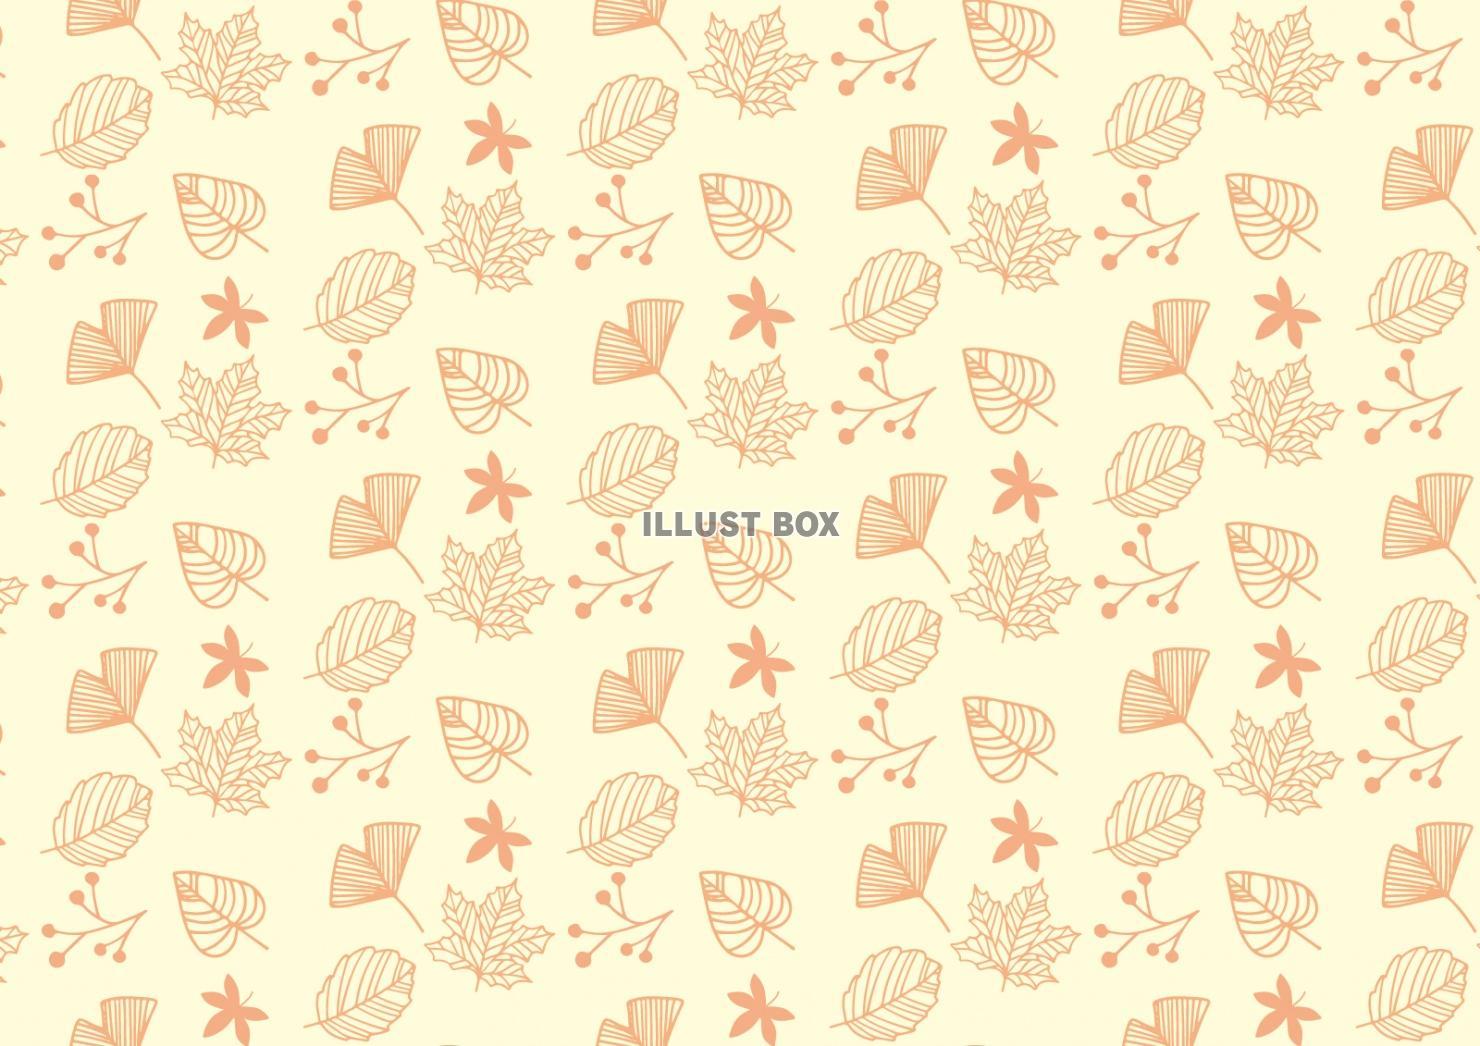 無料イラスト 秋の植物パターン背景素材01